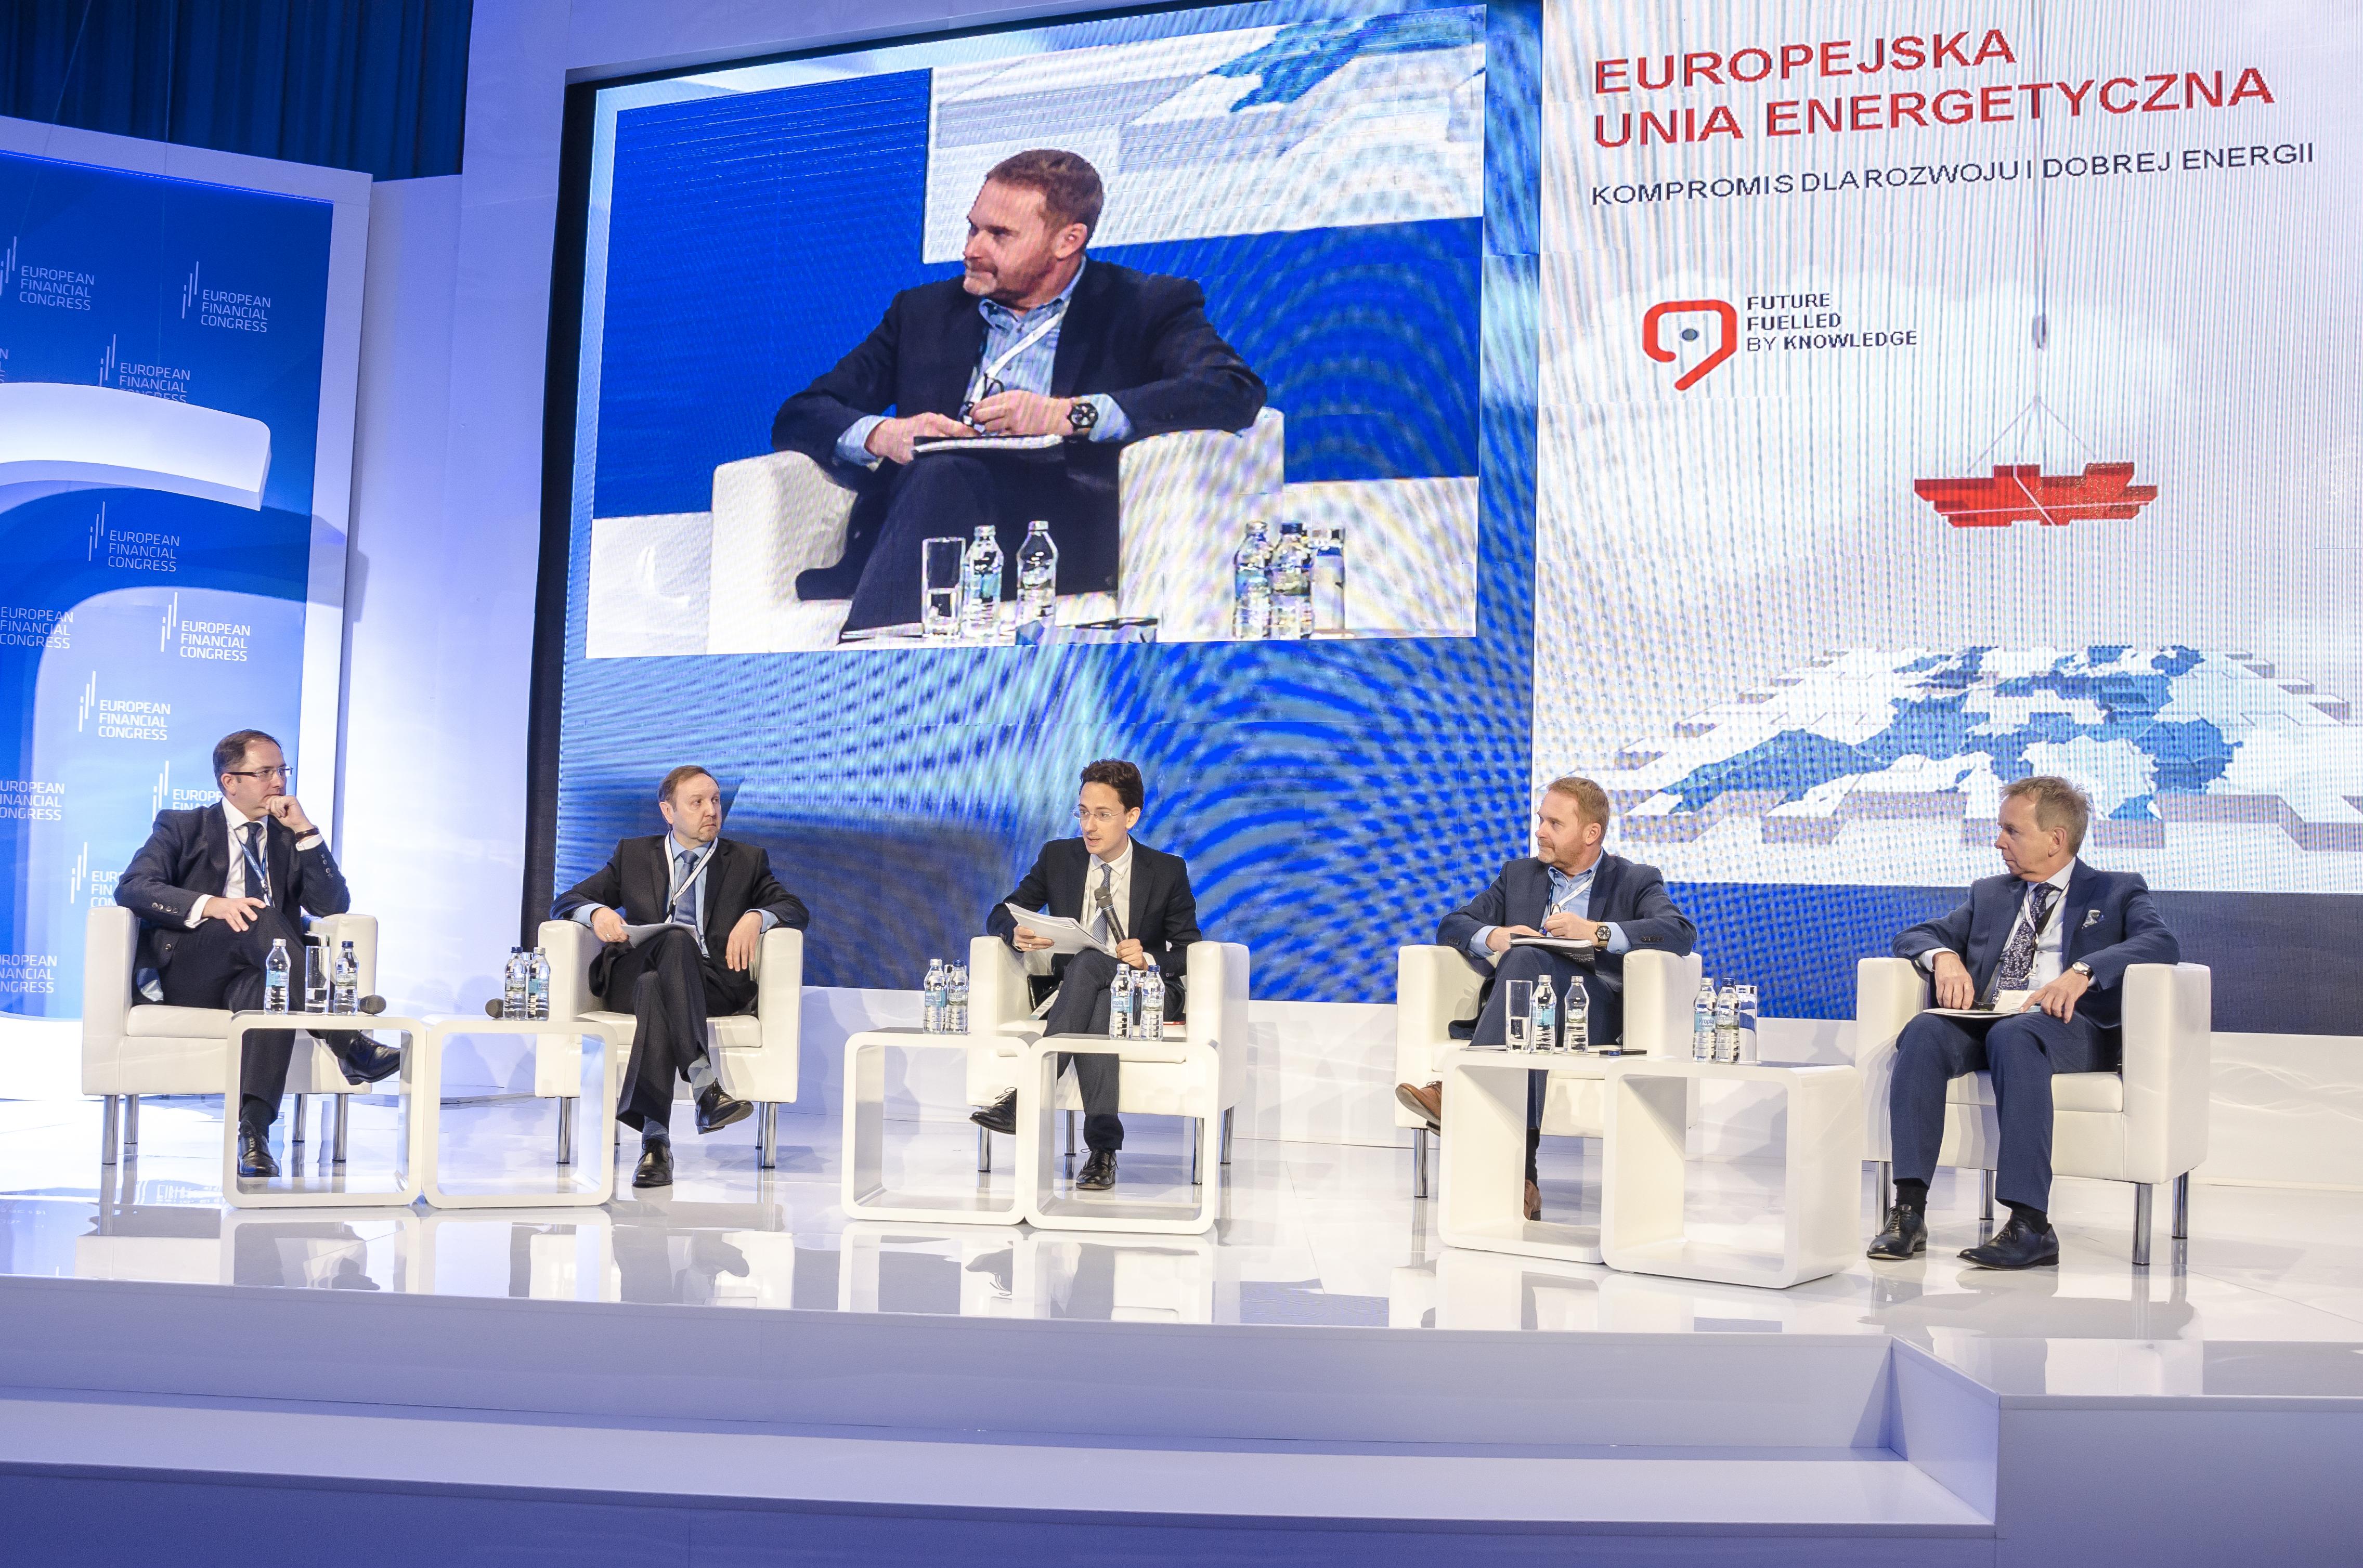 Europejska Unia Energetyczna. Kompromis dla rozwoju i dobrej energii